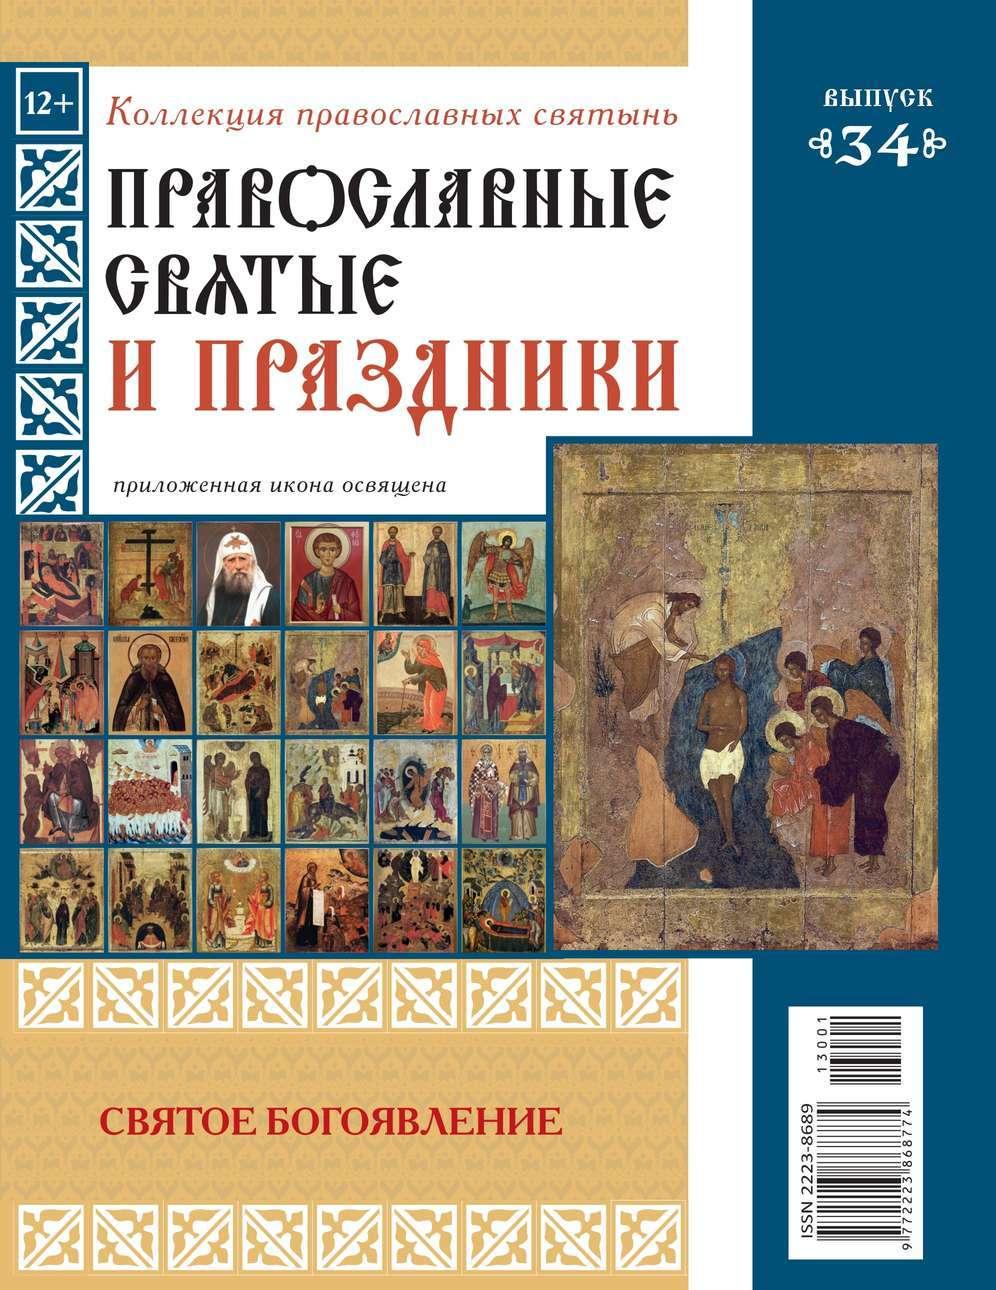 Редакция журнала Коллекция Православных Святынь Коллекция Православных Святынь 34 коллекция